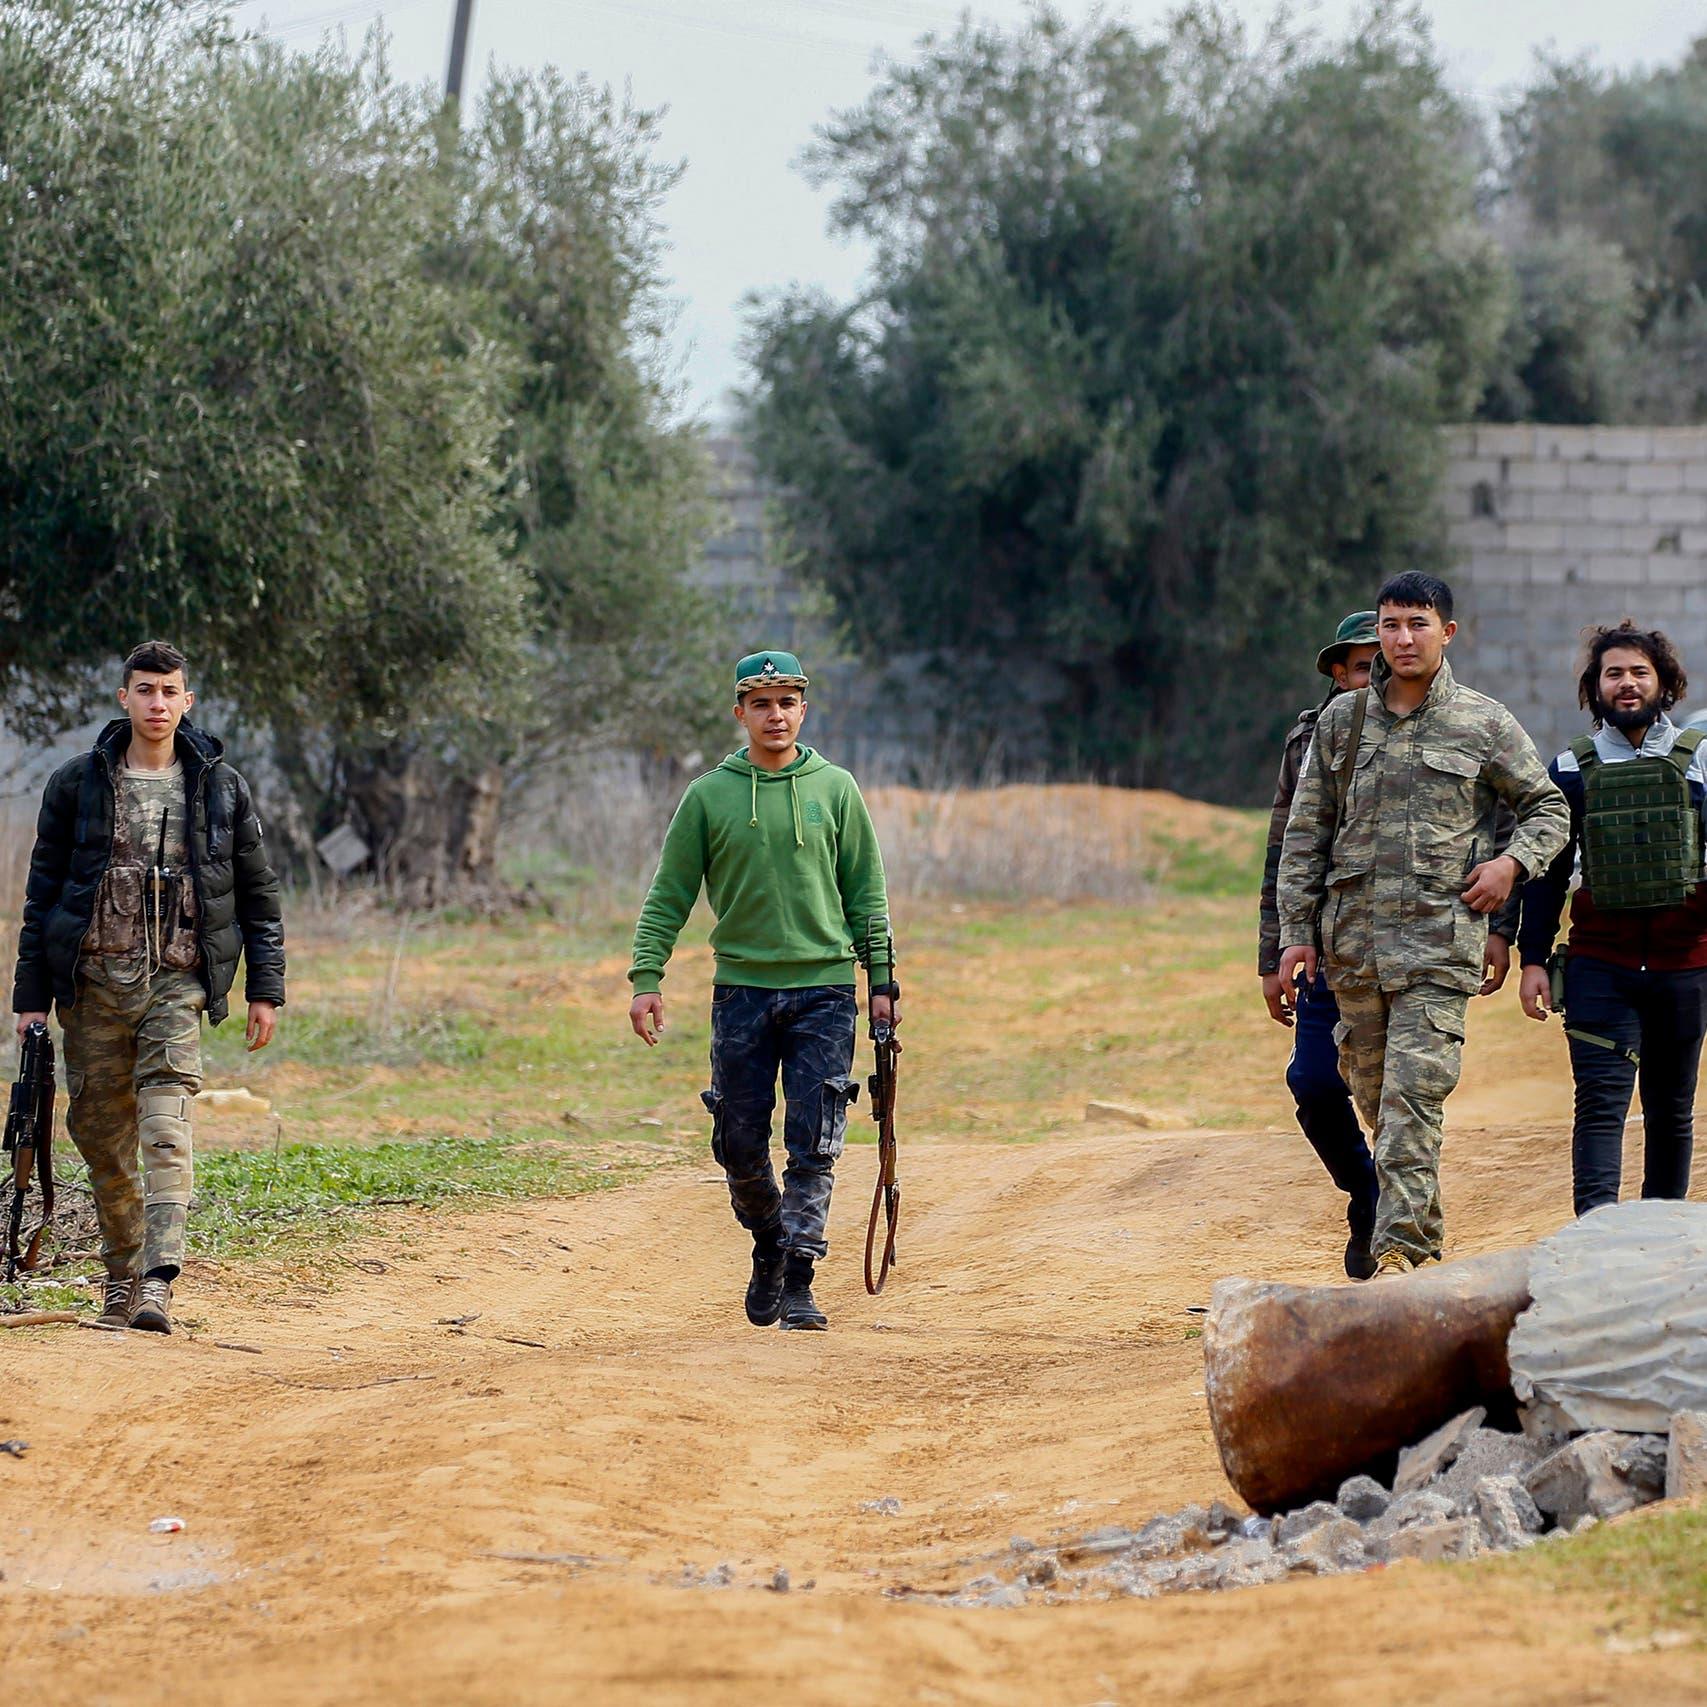 الإمارات: نرفض رفضاً قاطعاً التدخل التركي في ليبيا